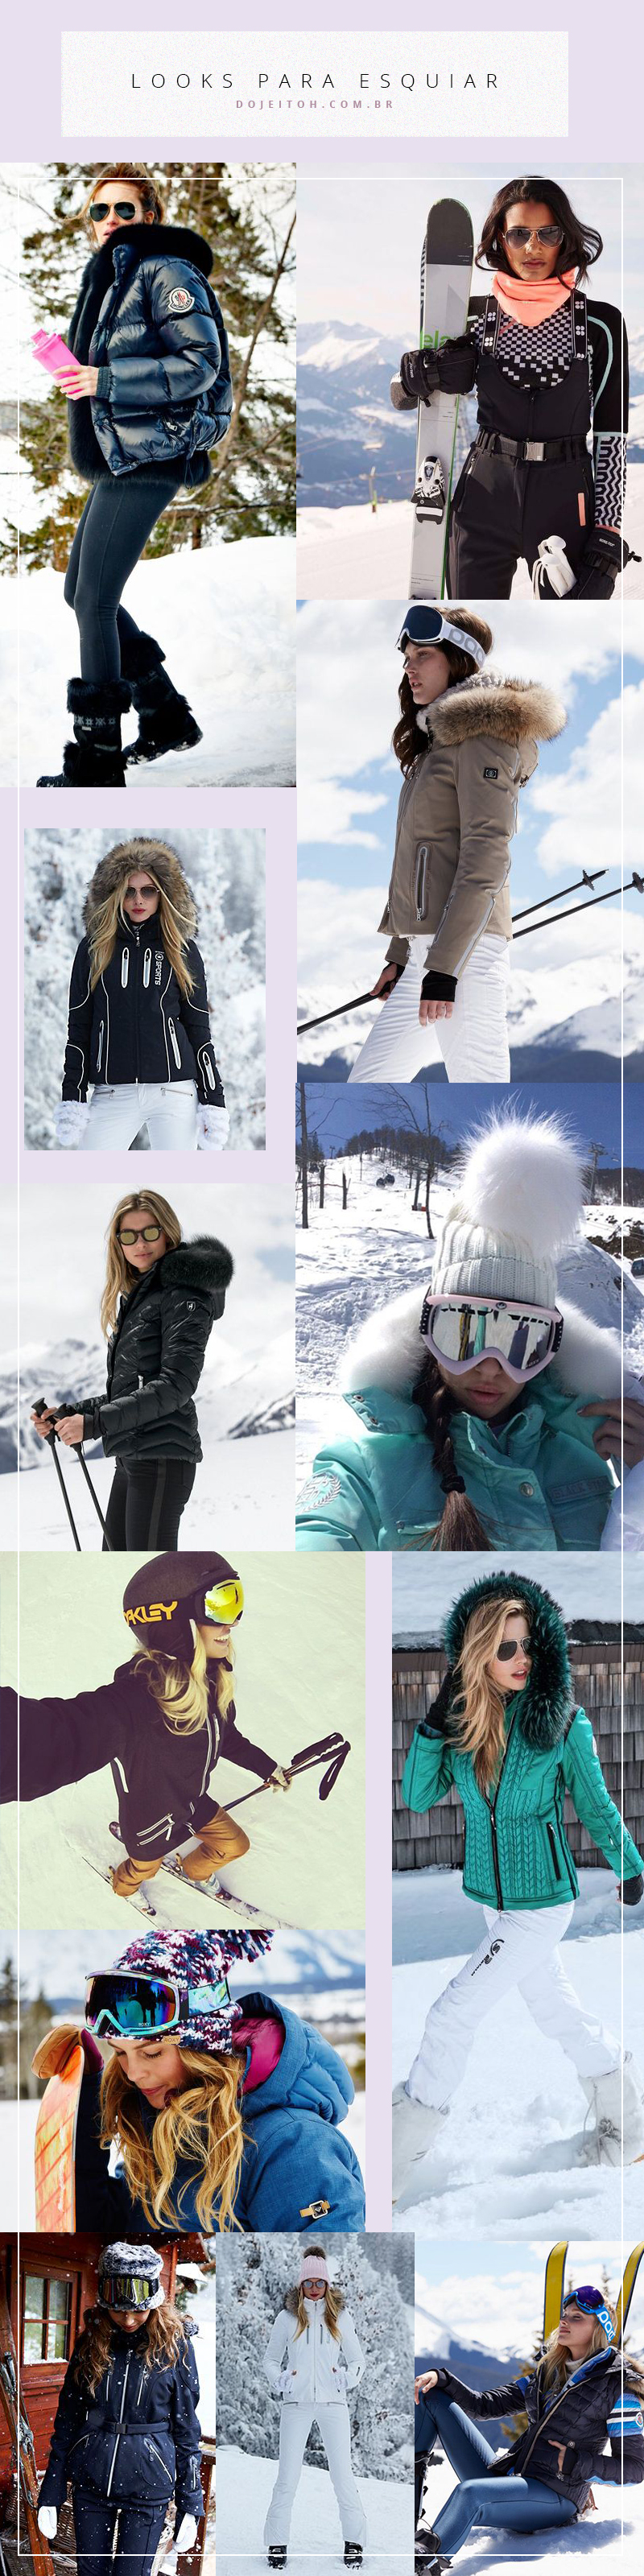 looks para esquiar